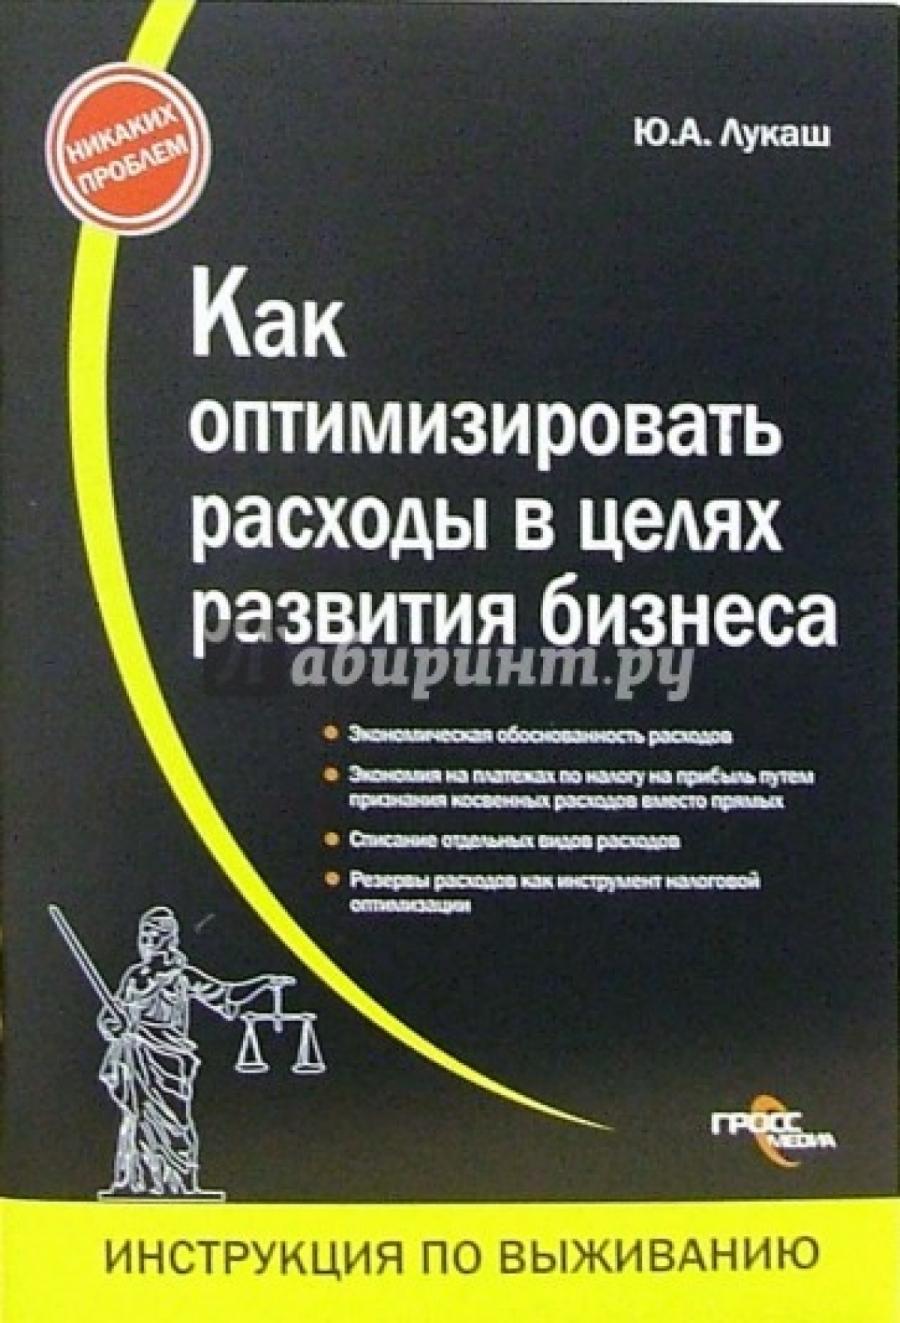 Обложка книги:  ю. а. лукаш - как оптимизировать расходы в целях развития бизнеса